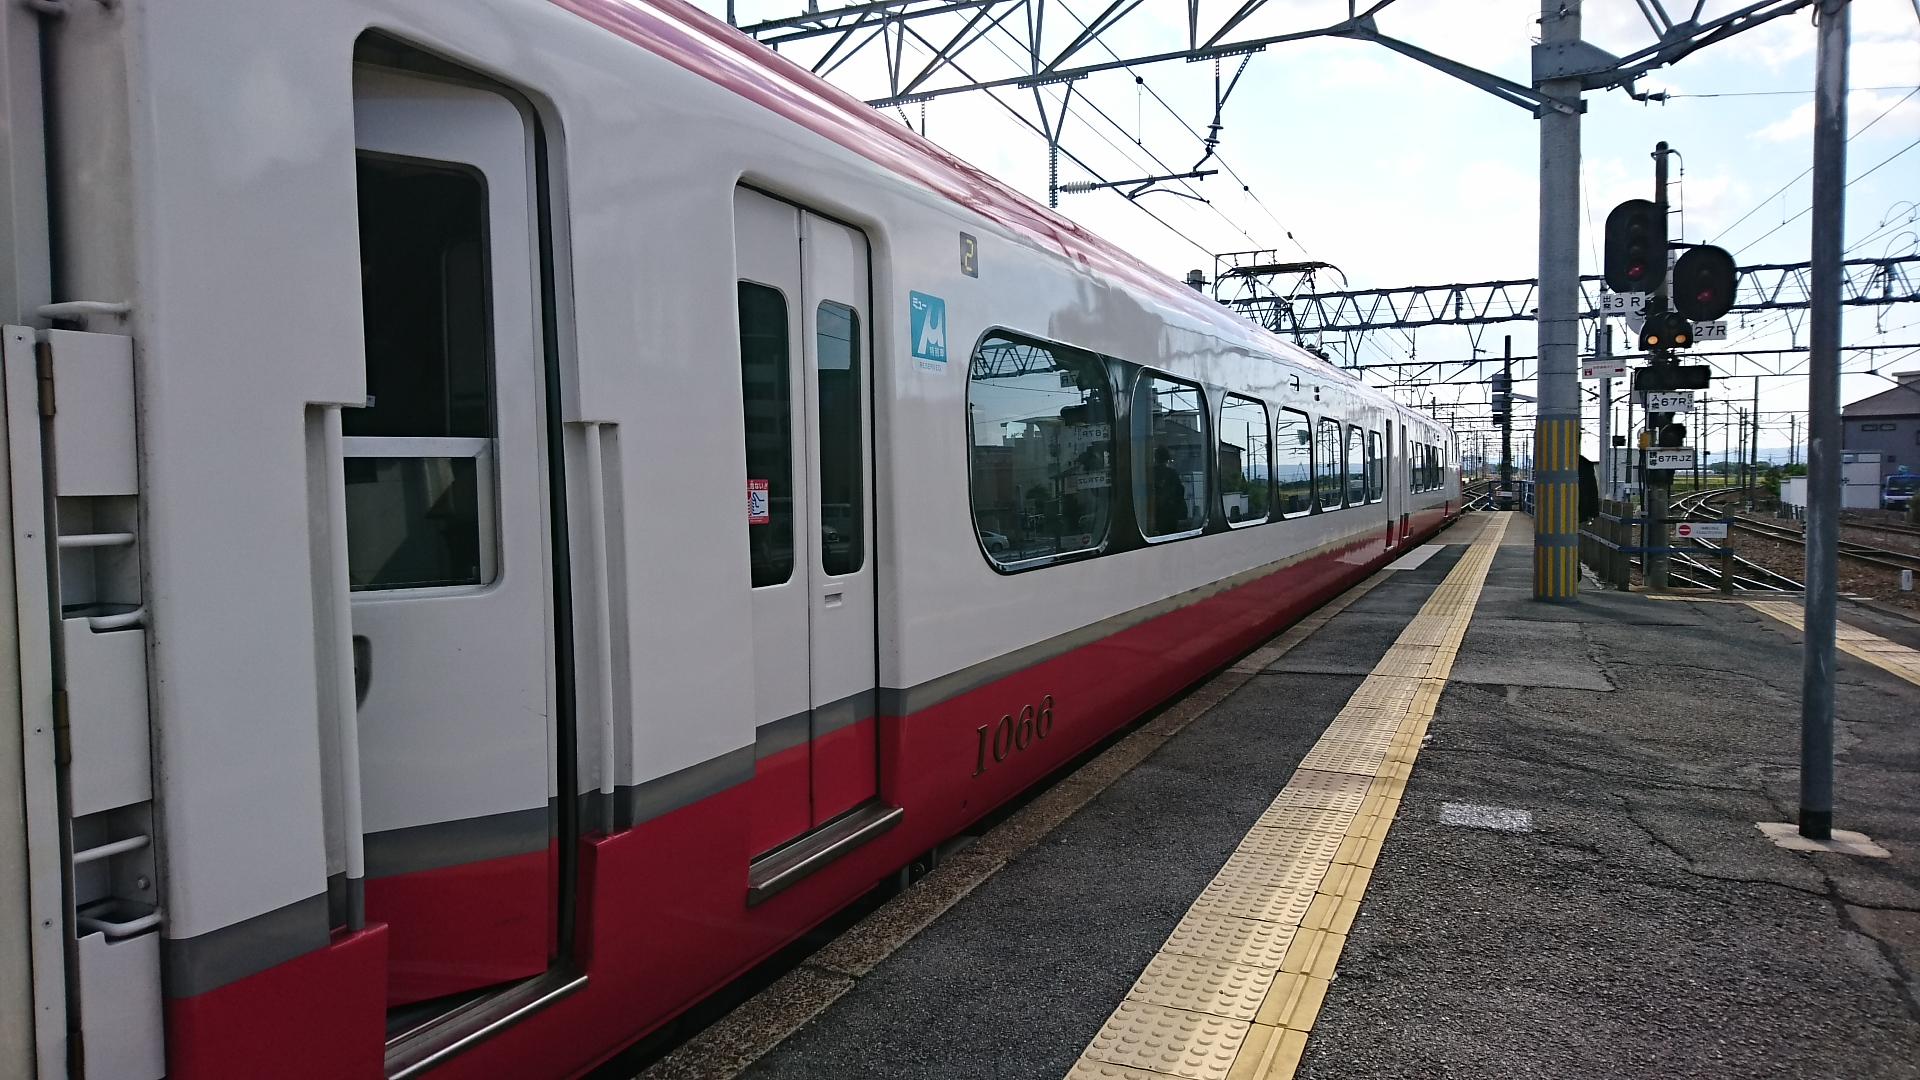 2018.5.4 岐阜 (5) しんあんじょう - 岐阜いき特急 1920-1080